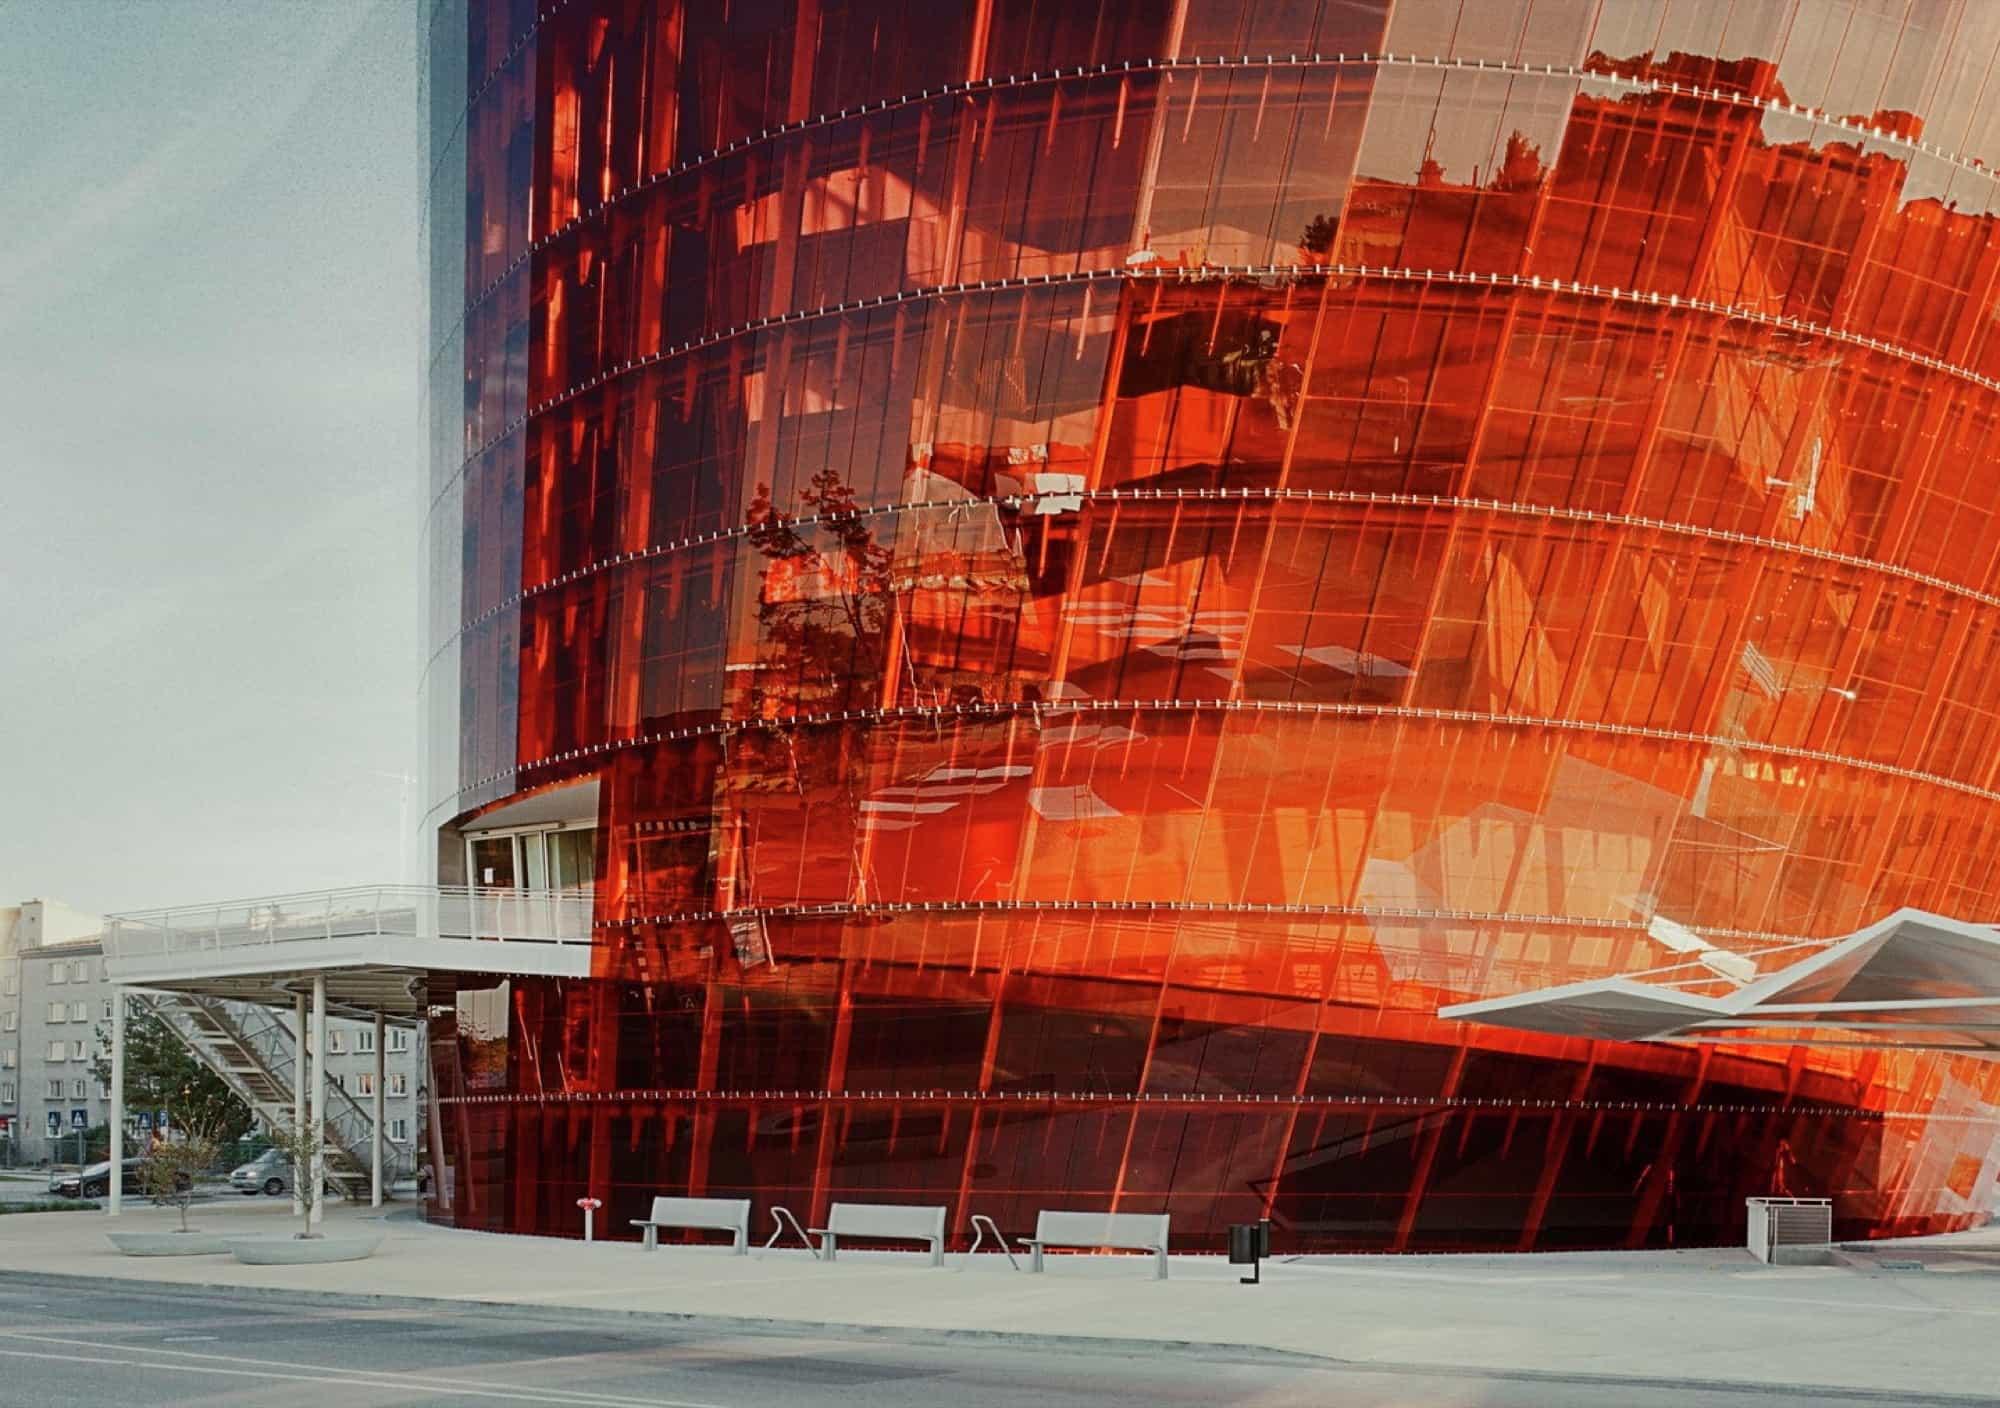 La cristalera exterior en color ámbar genera una fachada hermosa.